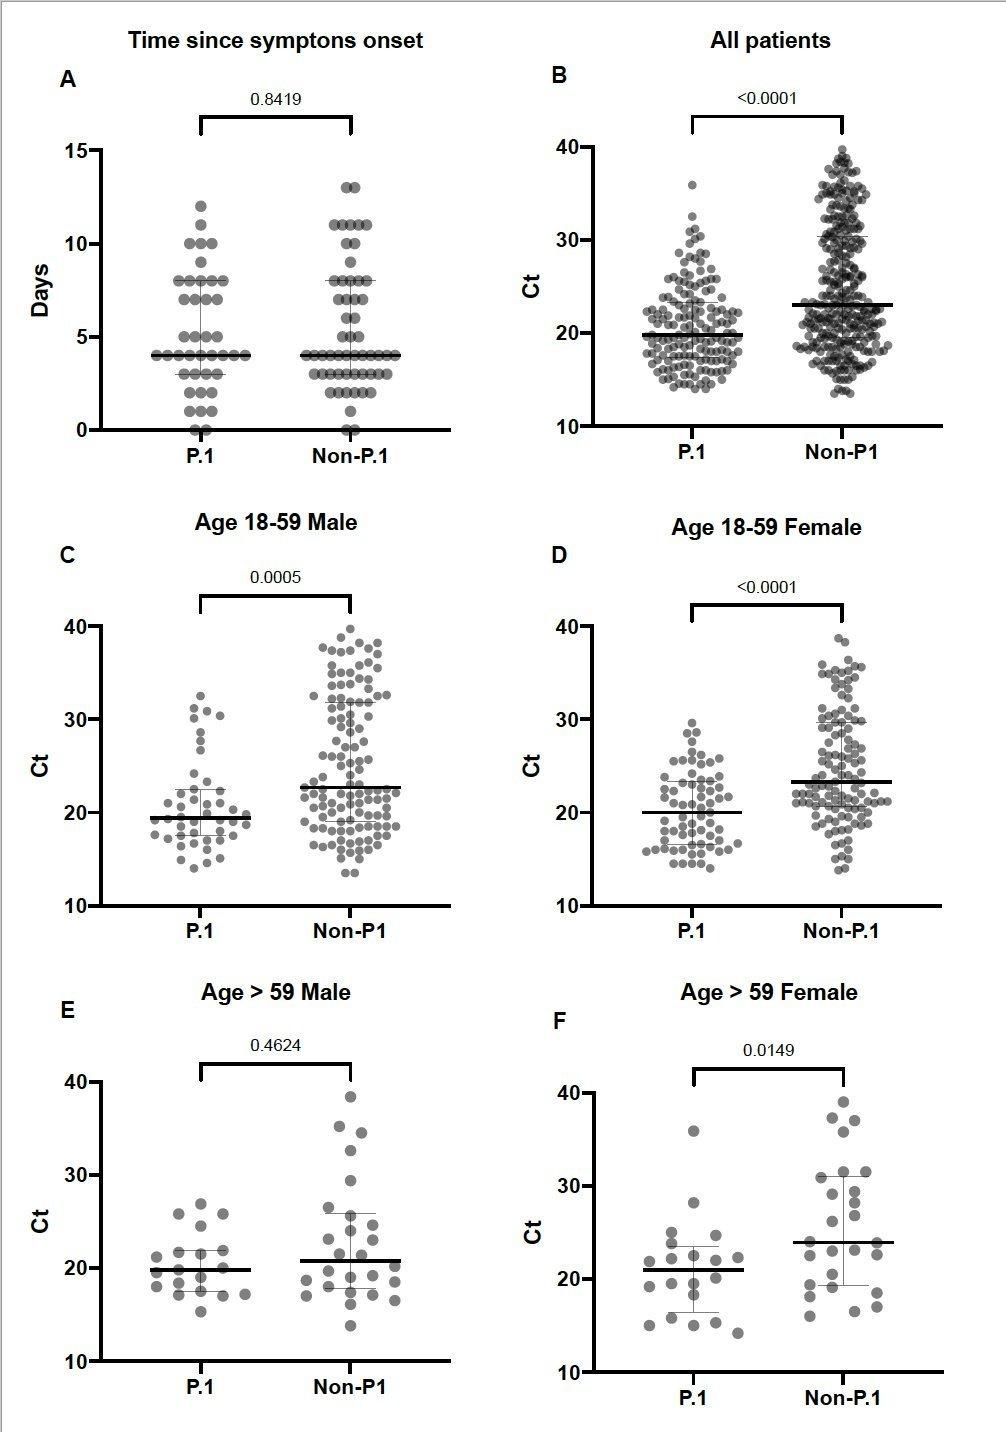 Bolinhas mais baixas mostram maior concentração de vírus na variante P.1